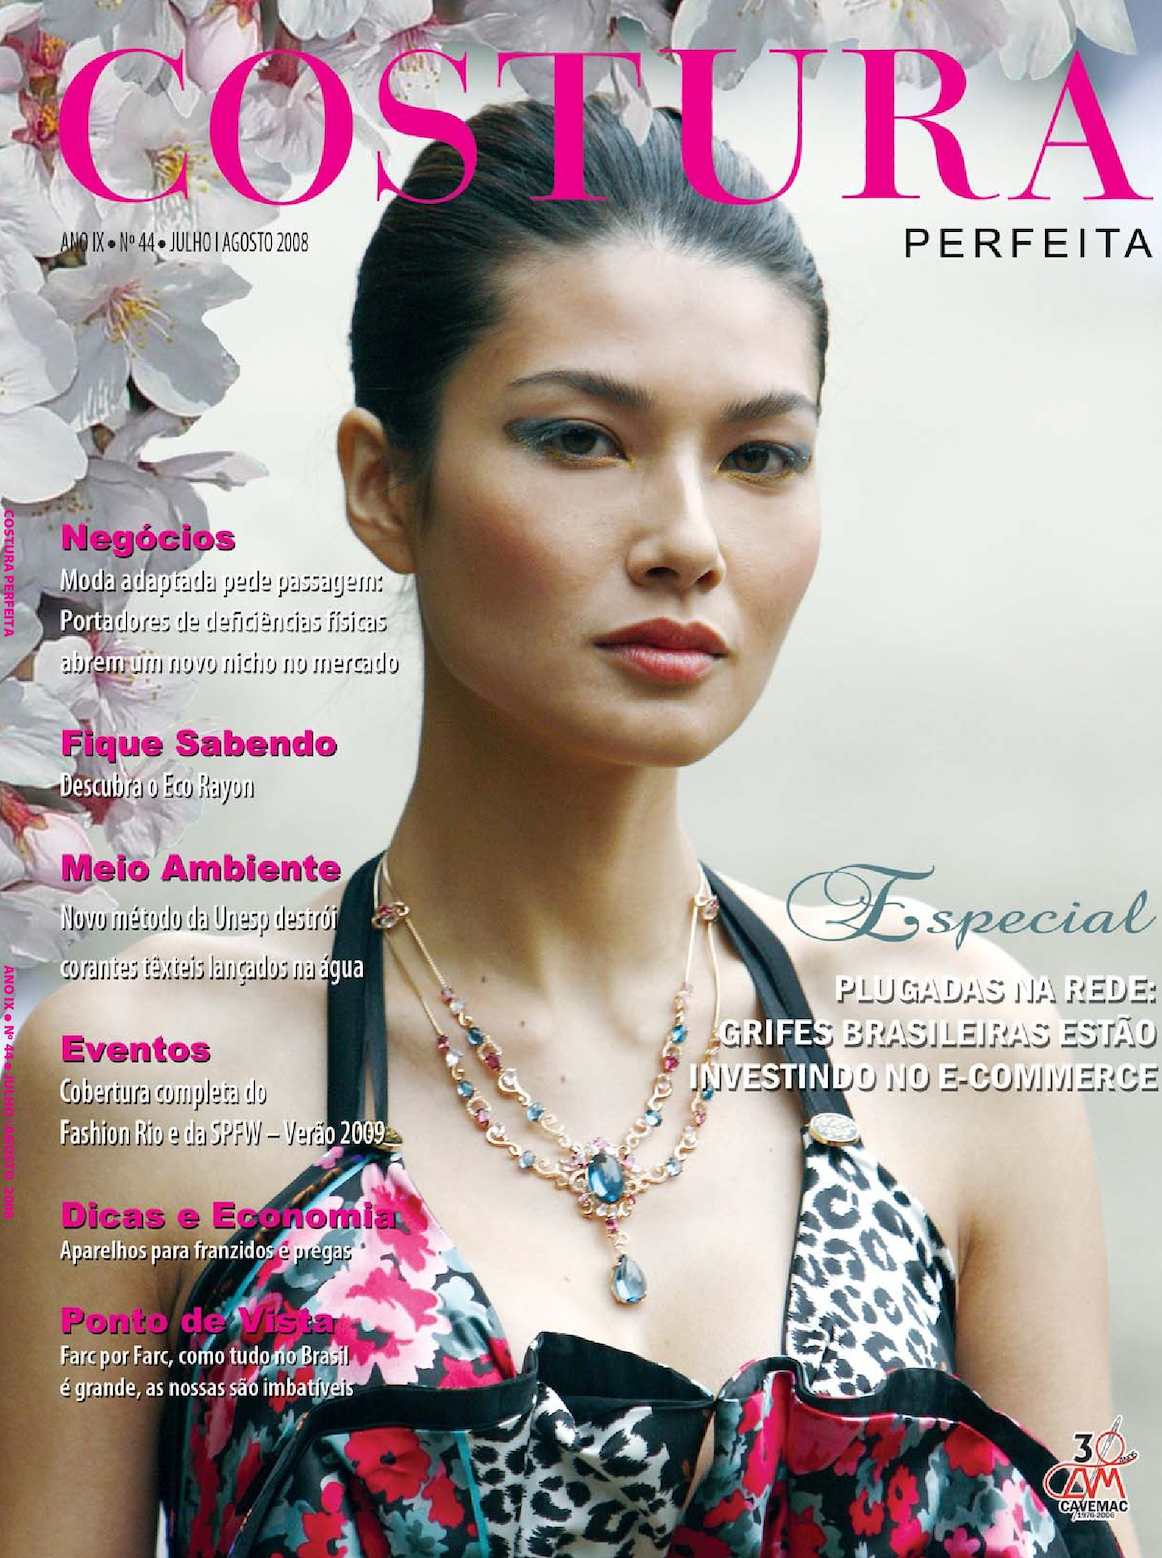 Calaméo - Revista Costura Perfeita Edição Ano IX - N44 Julho-Agosto 2008 900c588b3d7